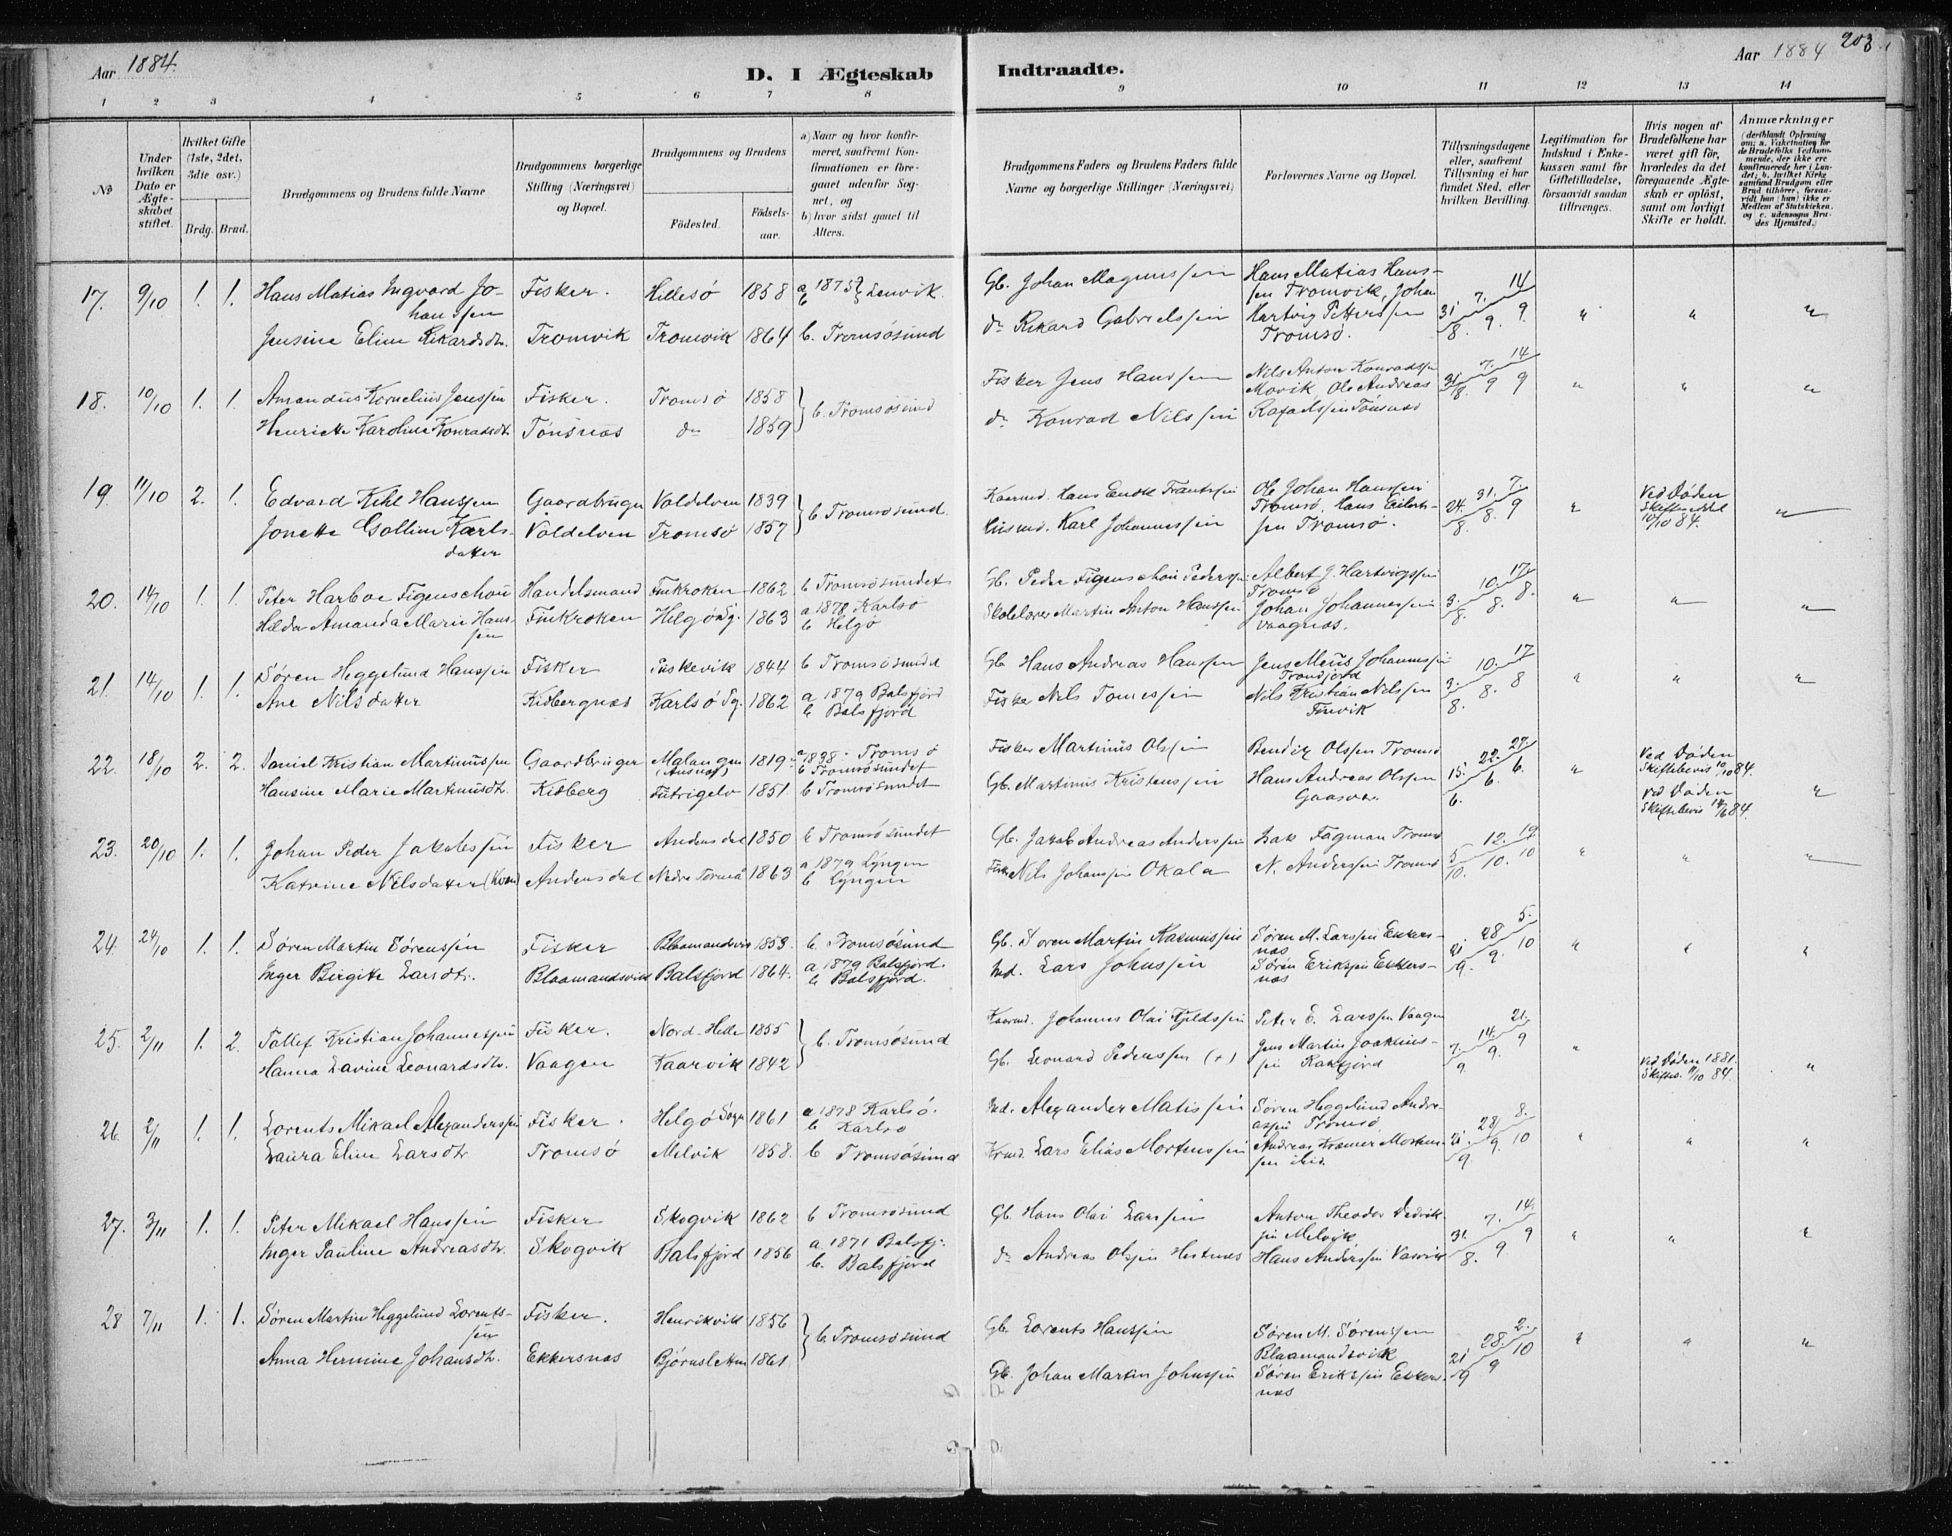 SATØ, Tromsøysund sokneprestkontor, G/Ga/L0004kirke: Ministerialbok nr. 4, 1880-1888, s. 203